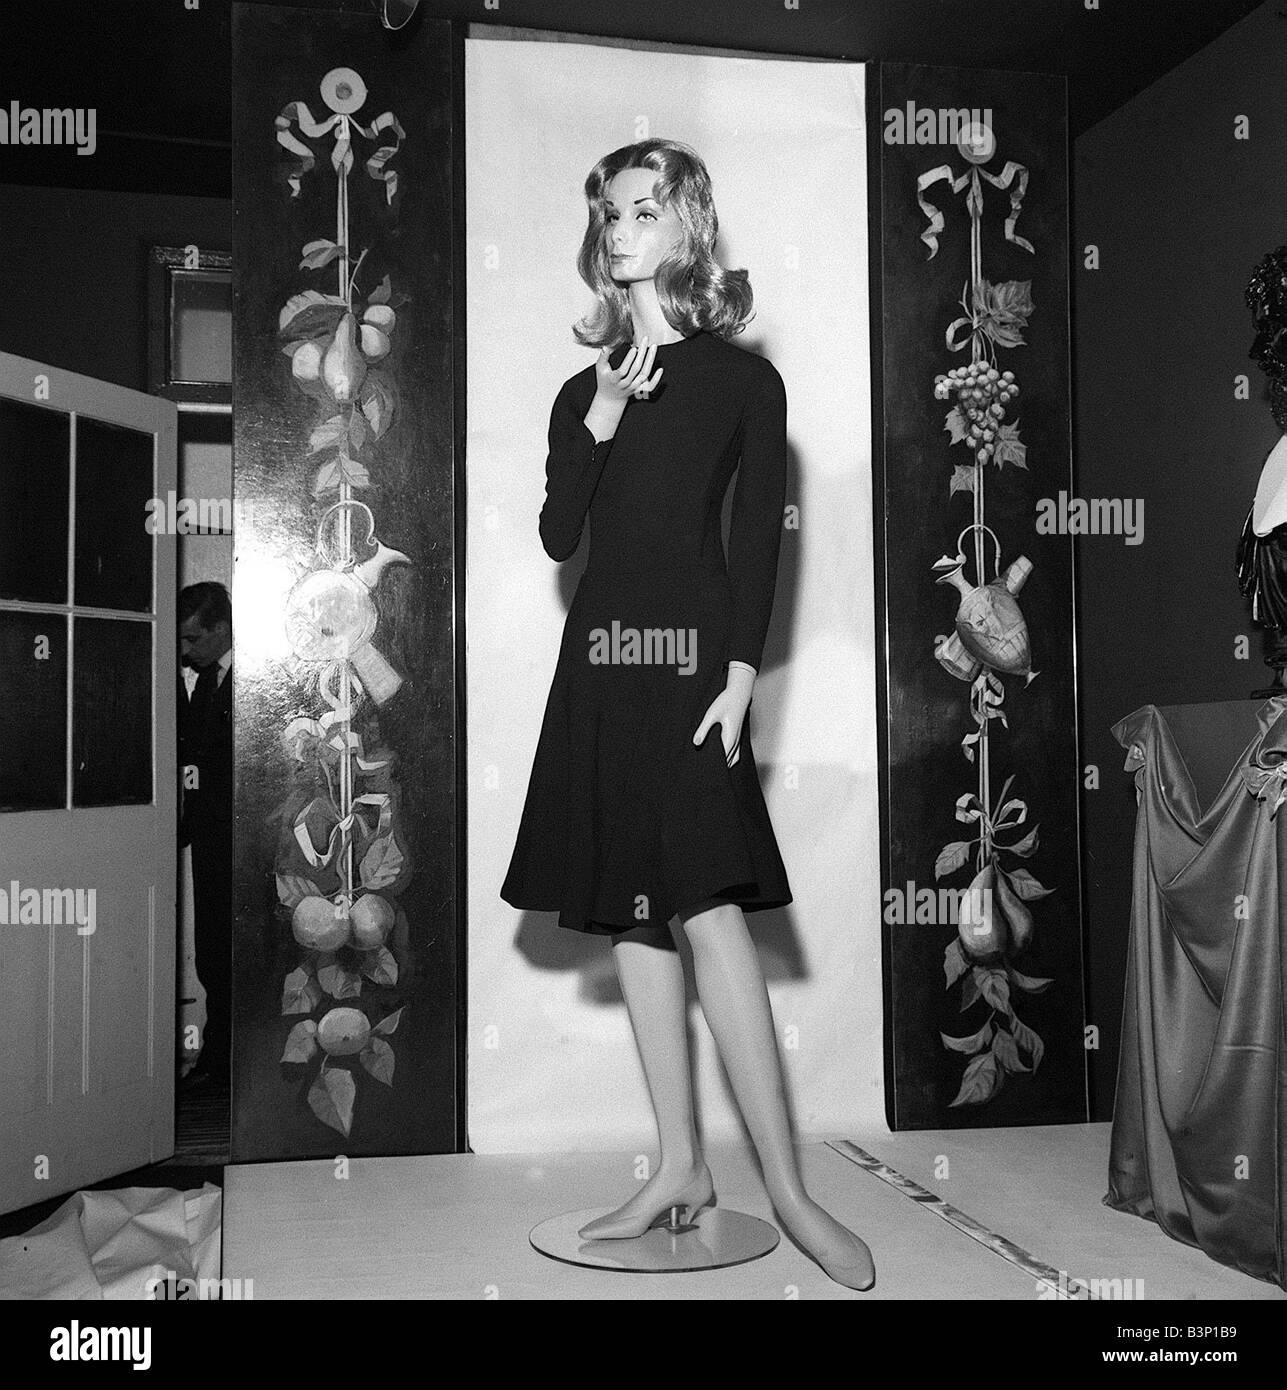 60er Jahre Mode Shop Fenster Mannequin Deborah January1964 Ein Laden